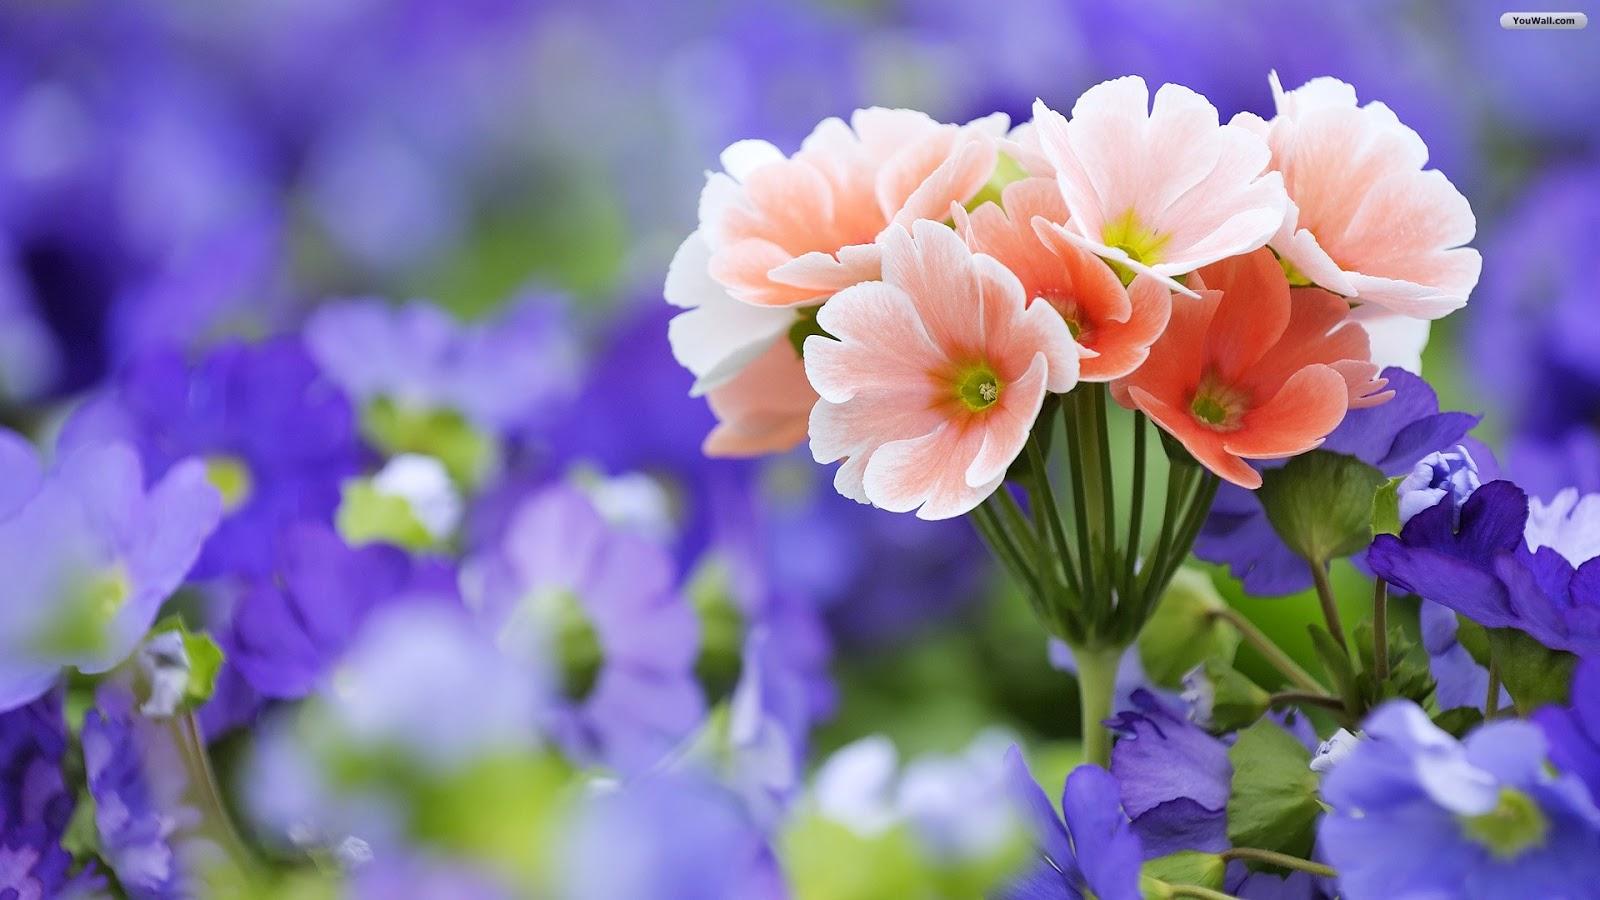 Flowers For Flower Lovers Desktop Beautiful Flowers Hd